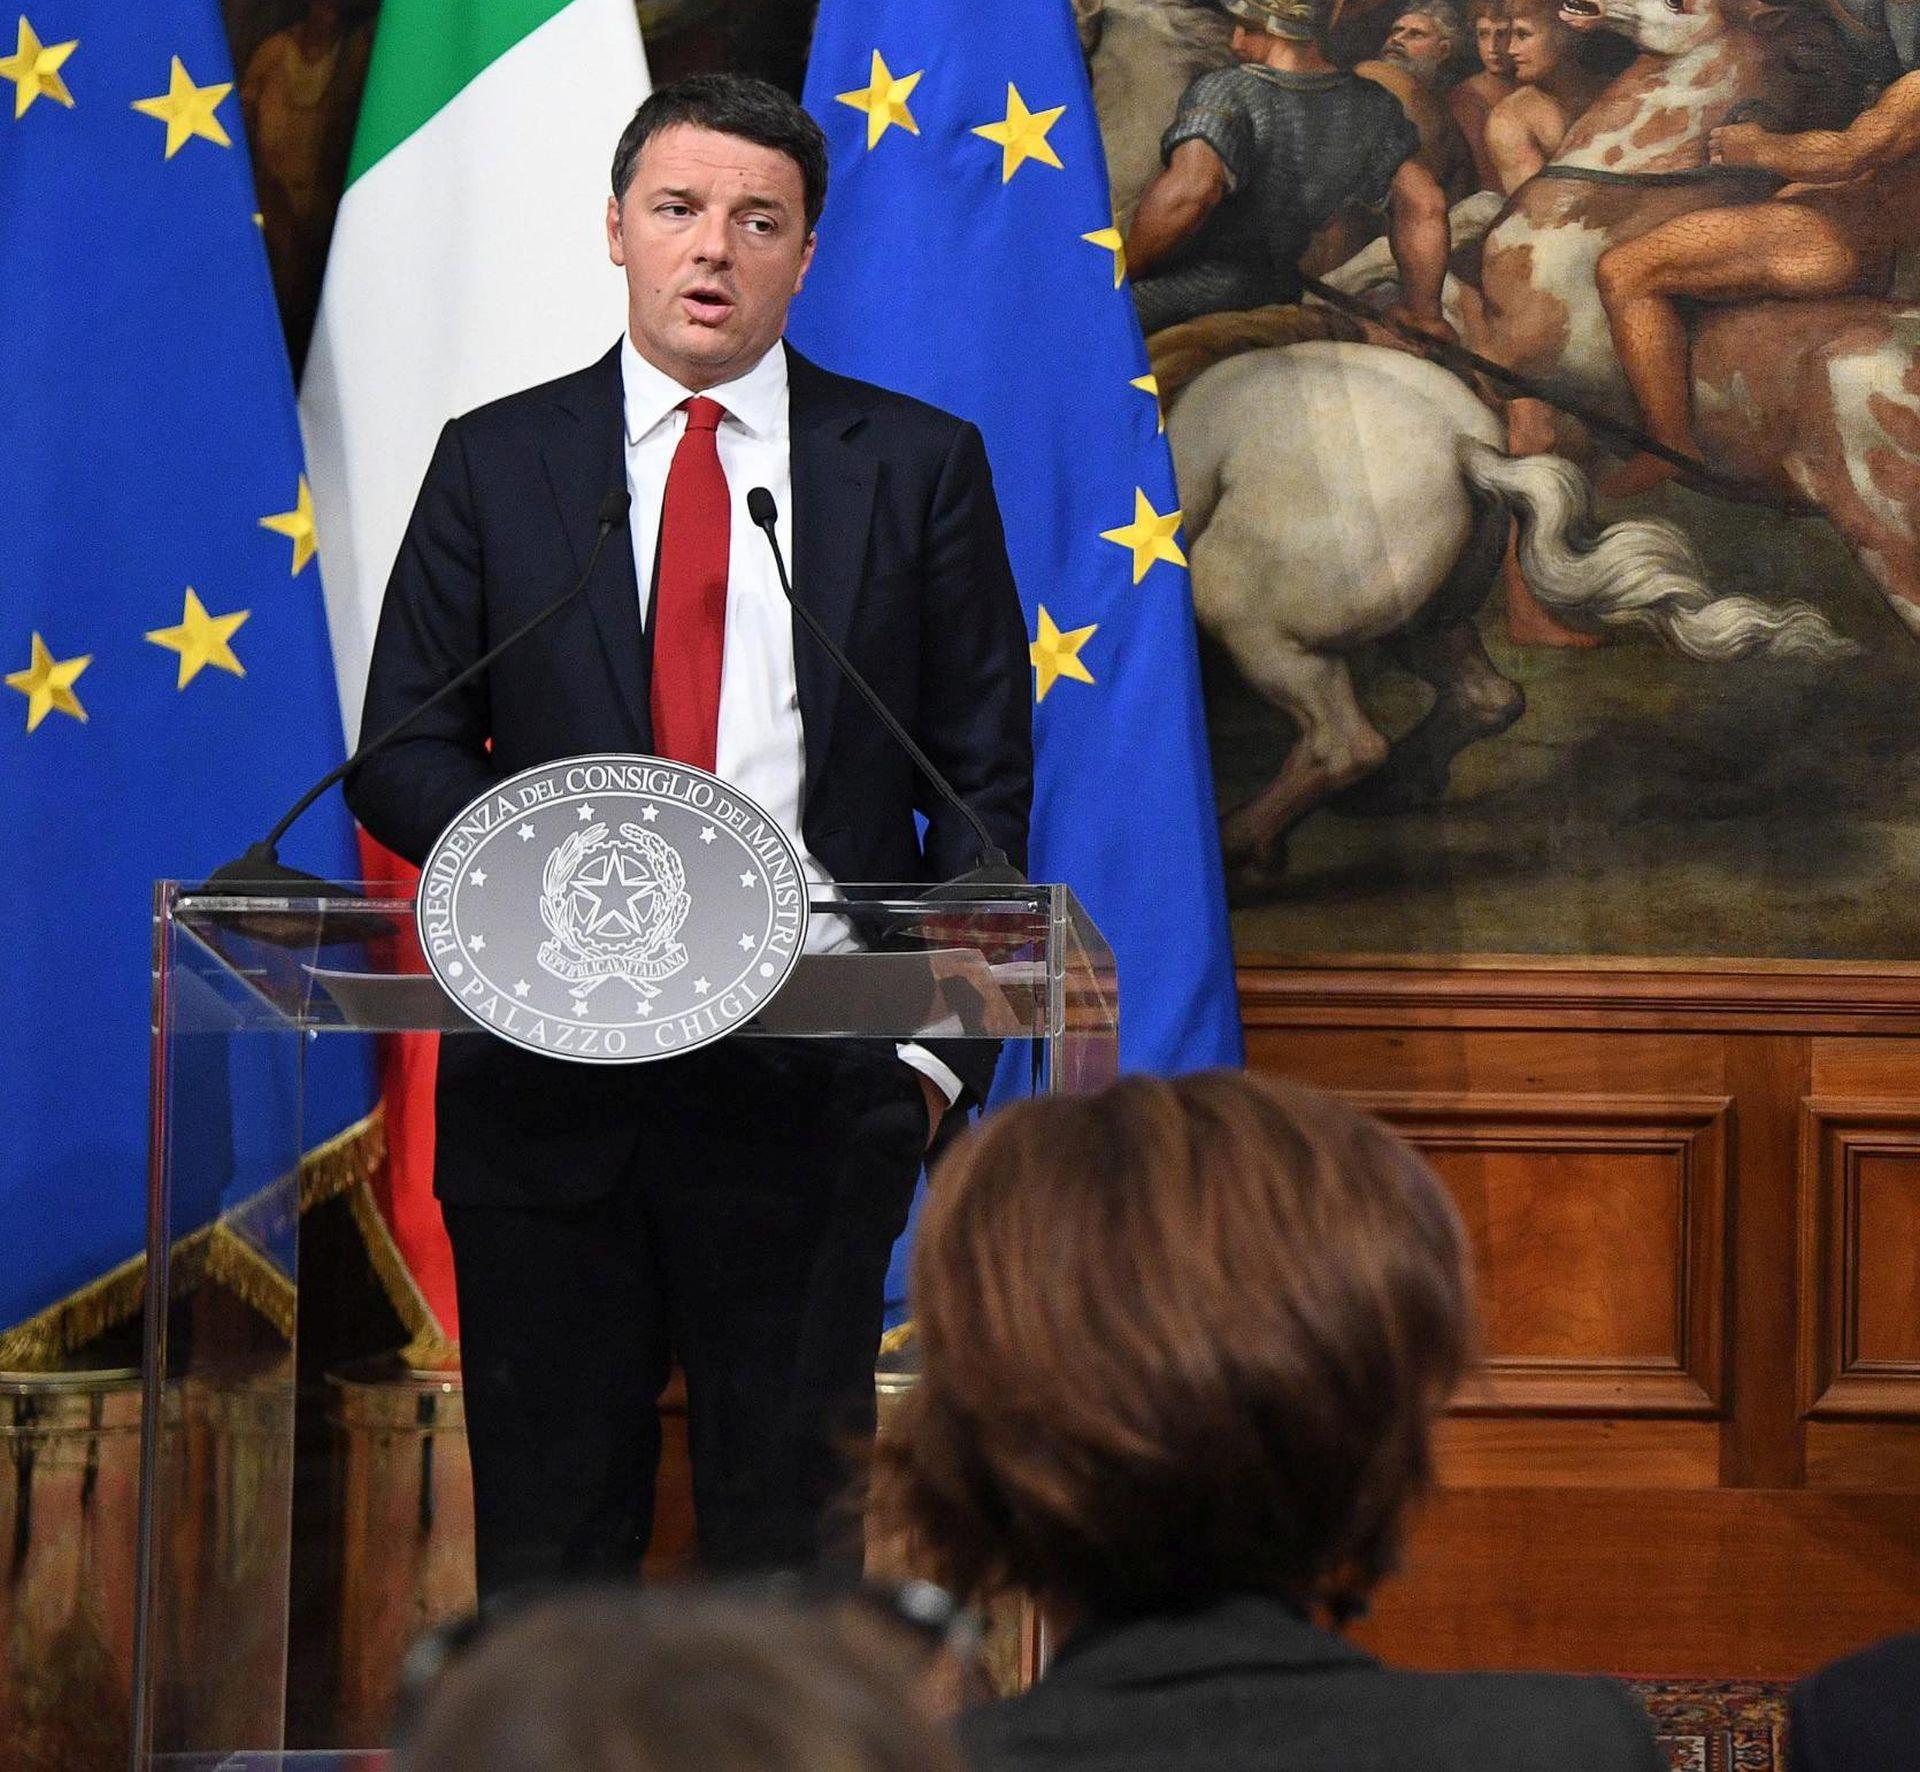 PORAZ NA REFERENDUMU Renzi: 'Preuzimam punu odgovornost i podnijet ću ostavku'